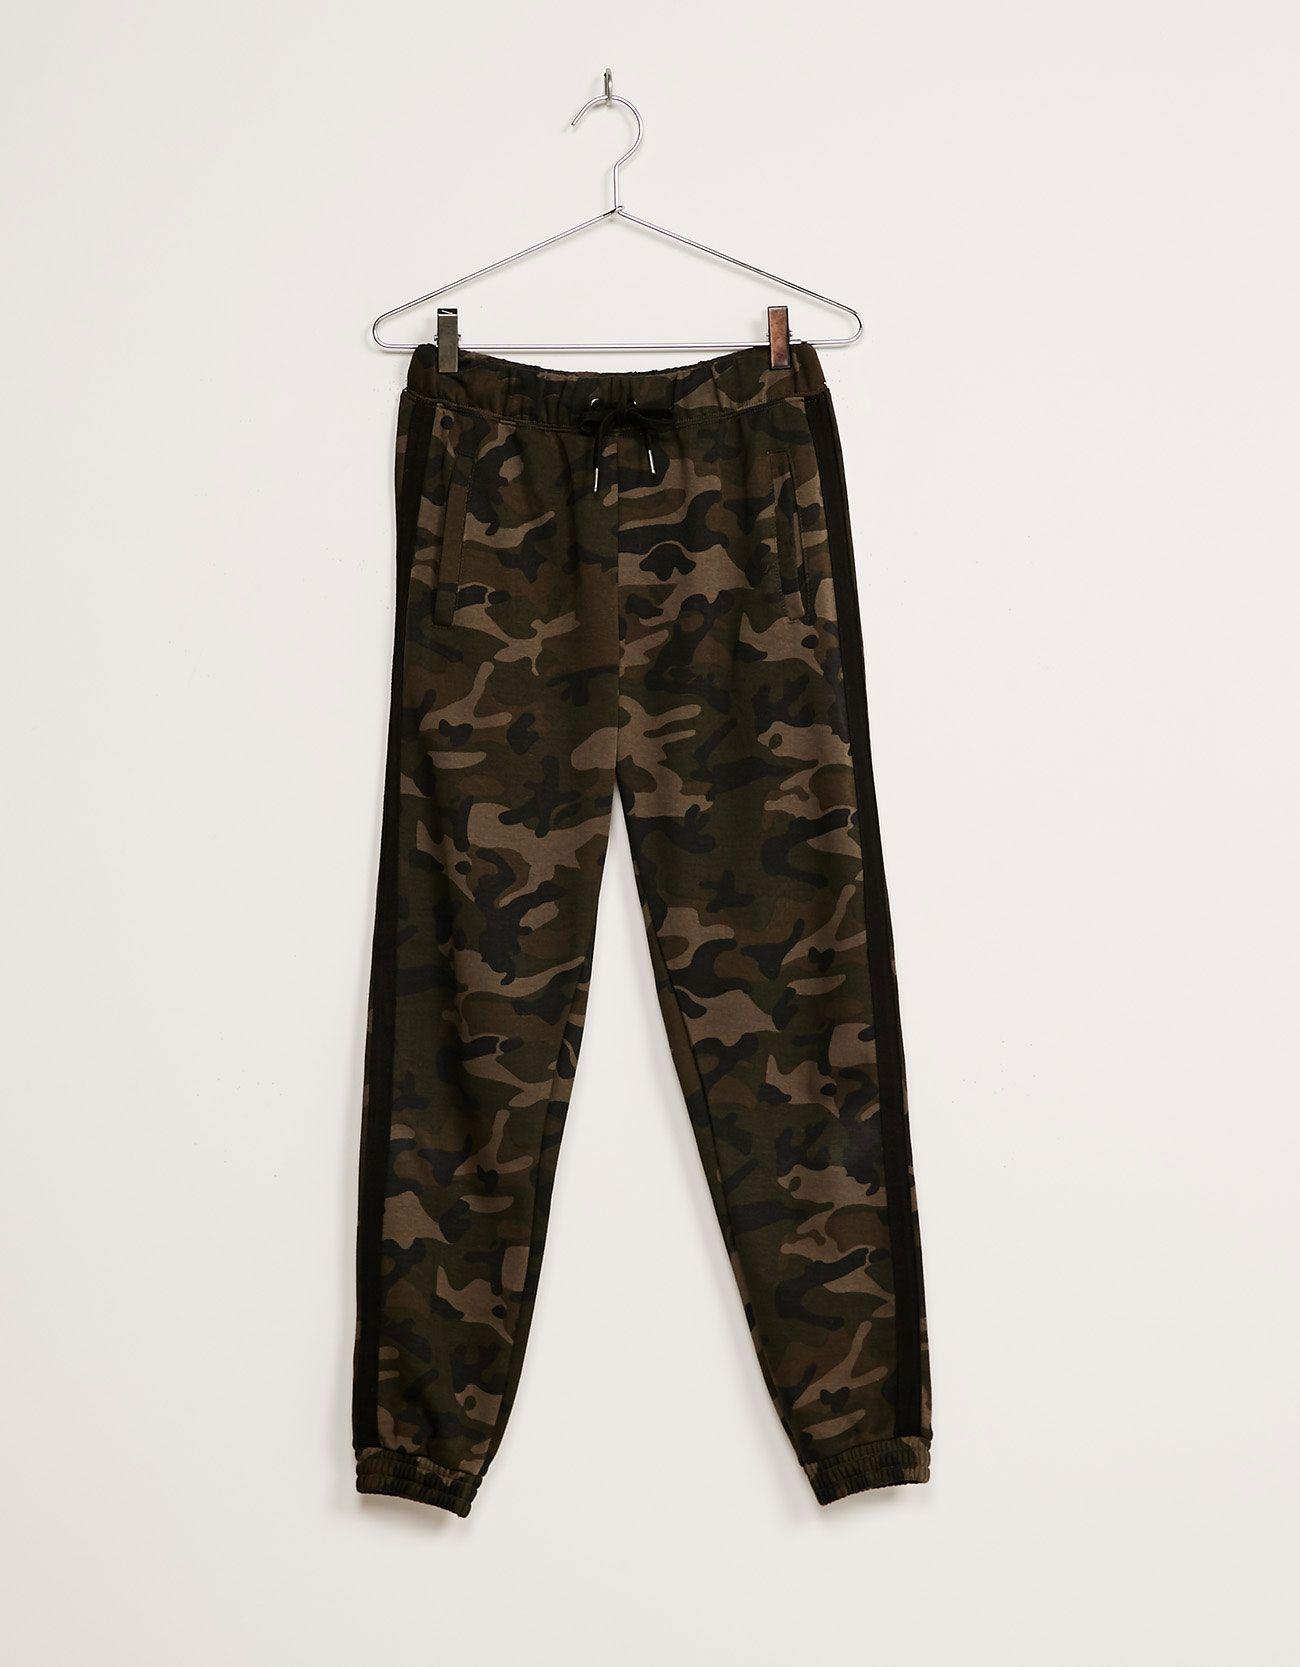 Pantalón felpa camuflaje. Descubre ésta y muchas otras prendas en Bershka con nuevos productos cada semana